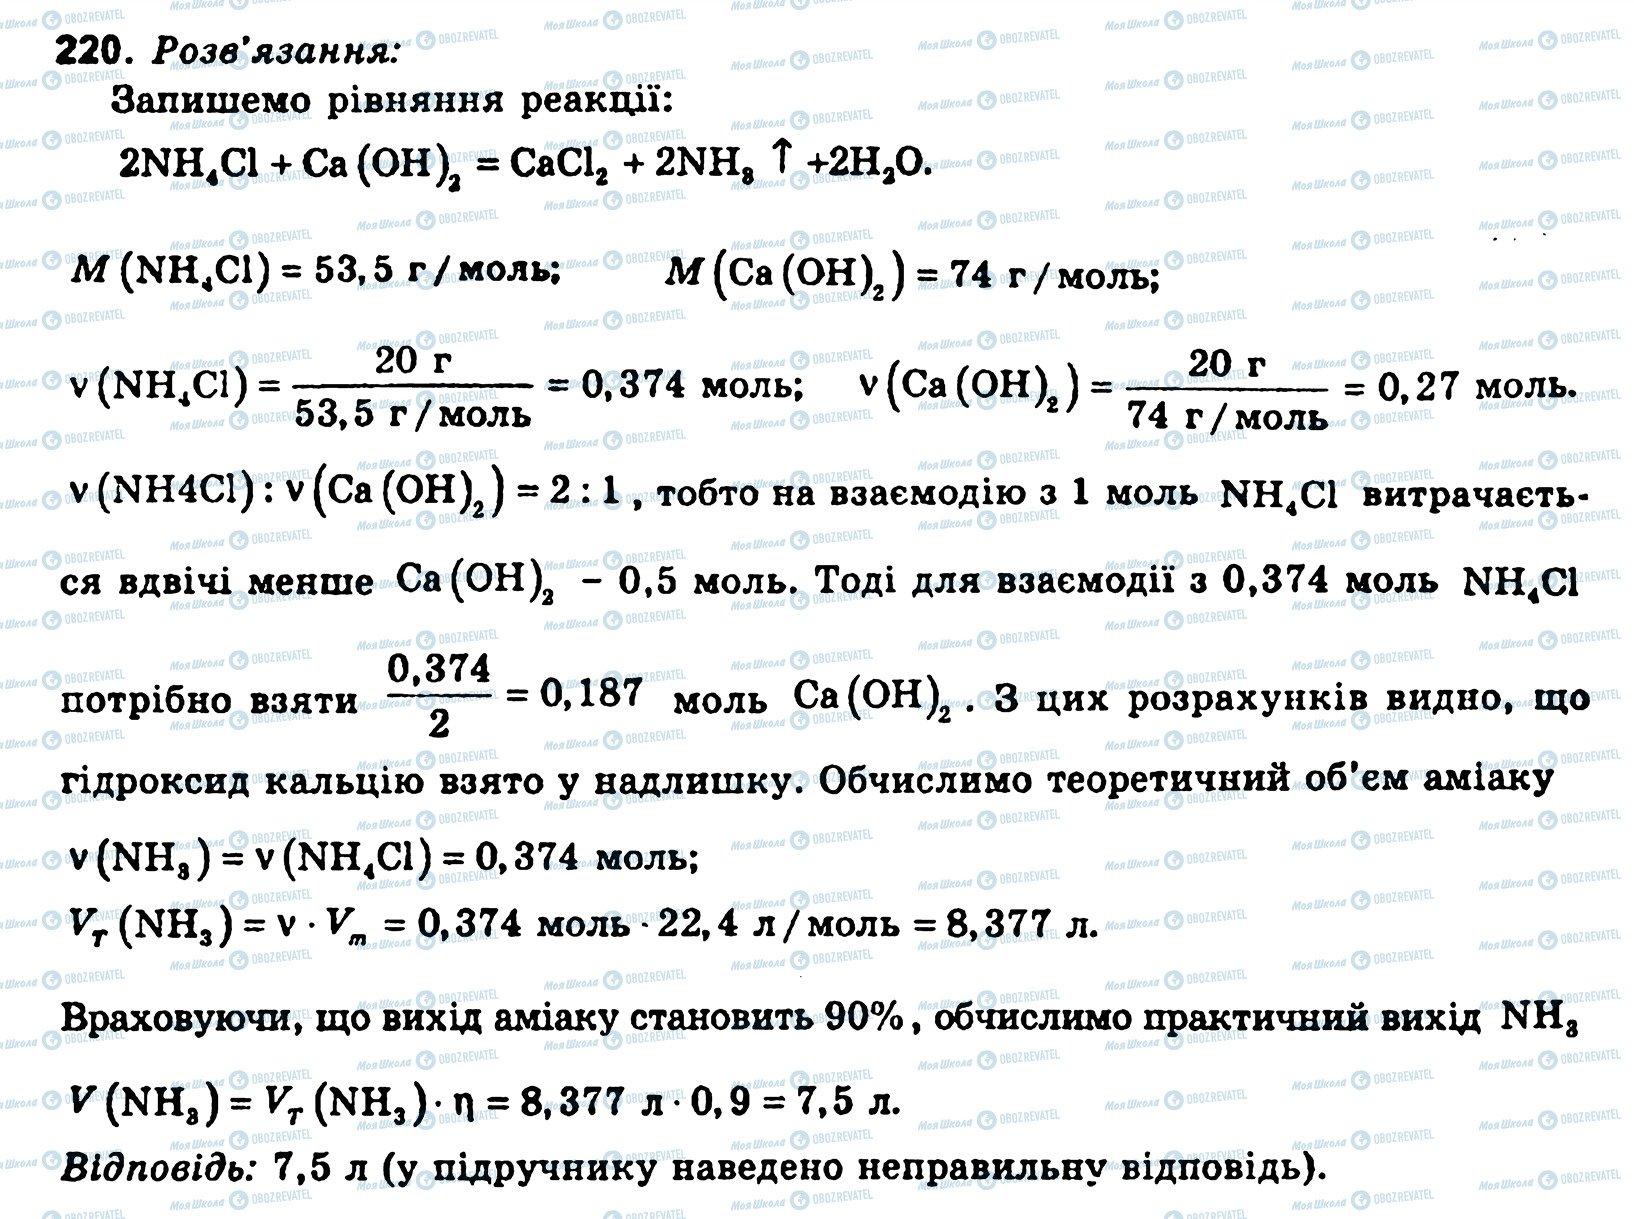 ГДЗ Хімія 11 клас сторінка 220